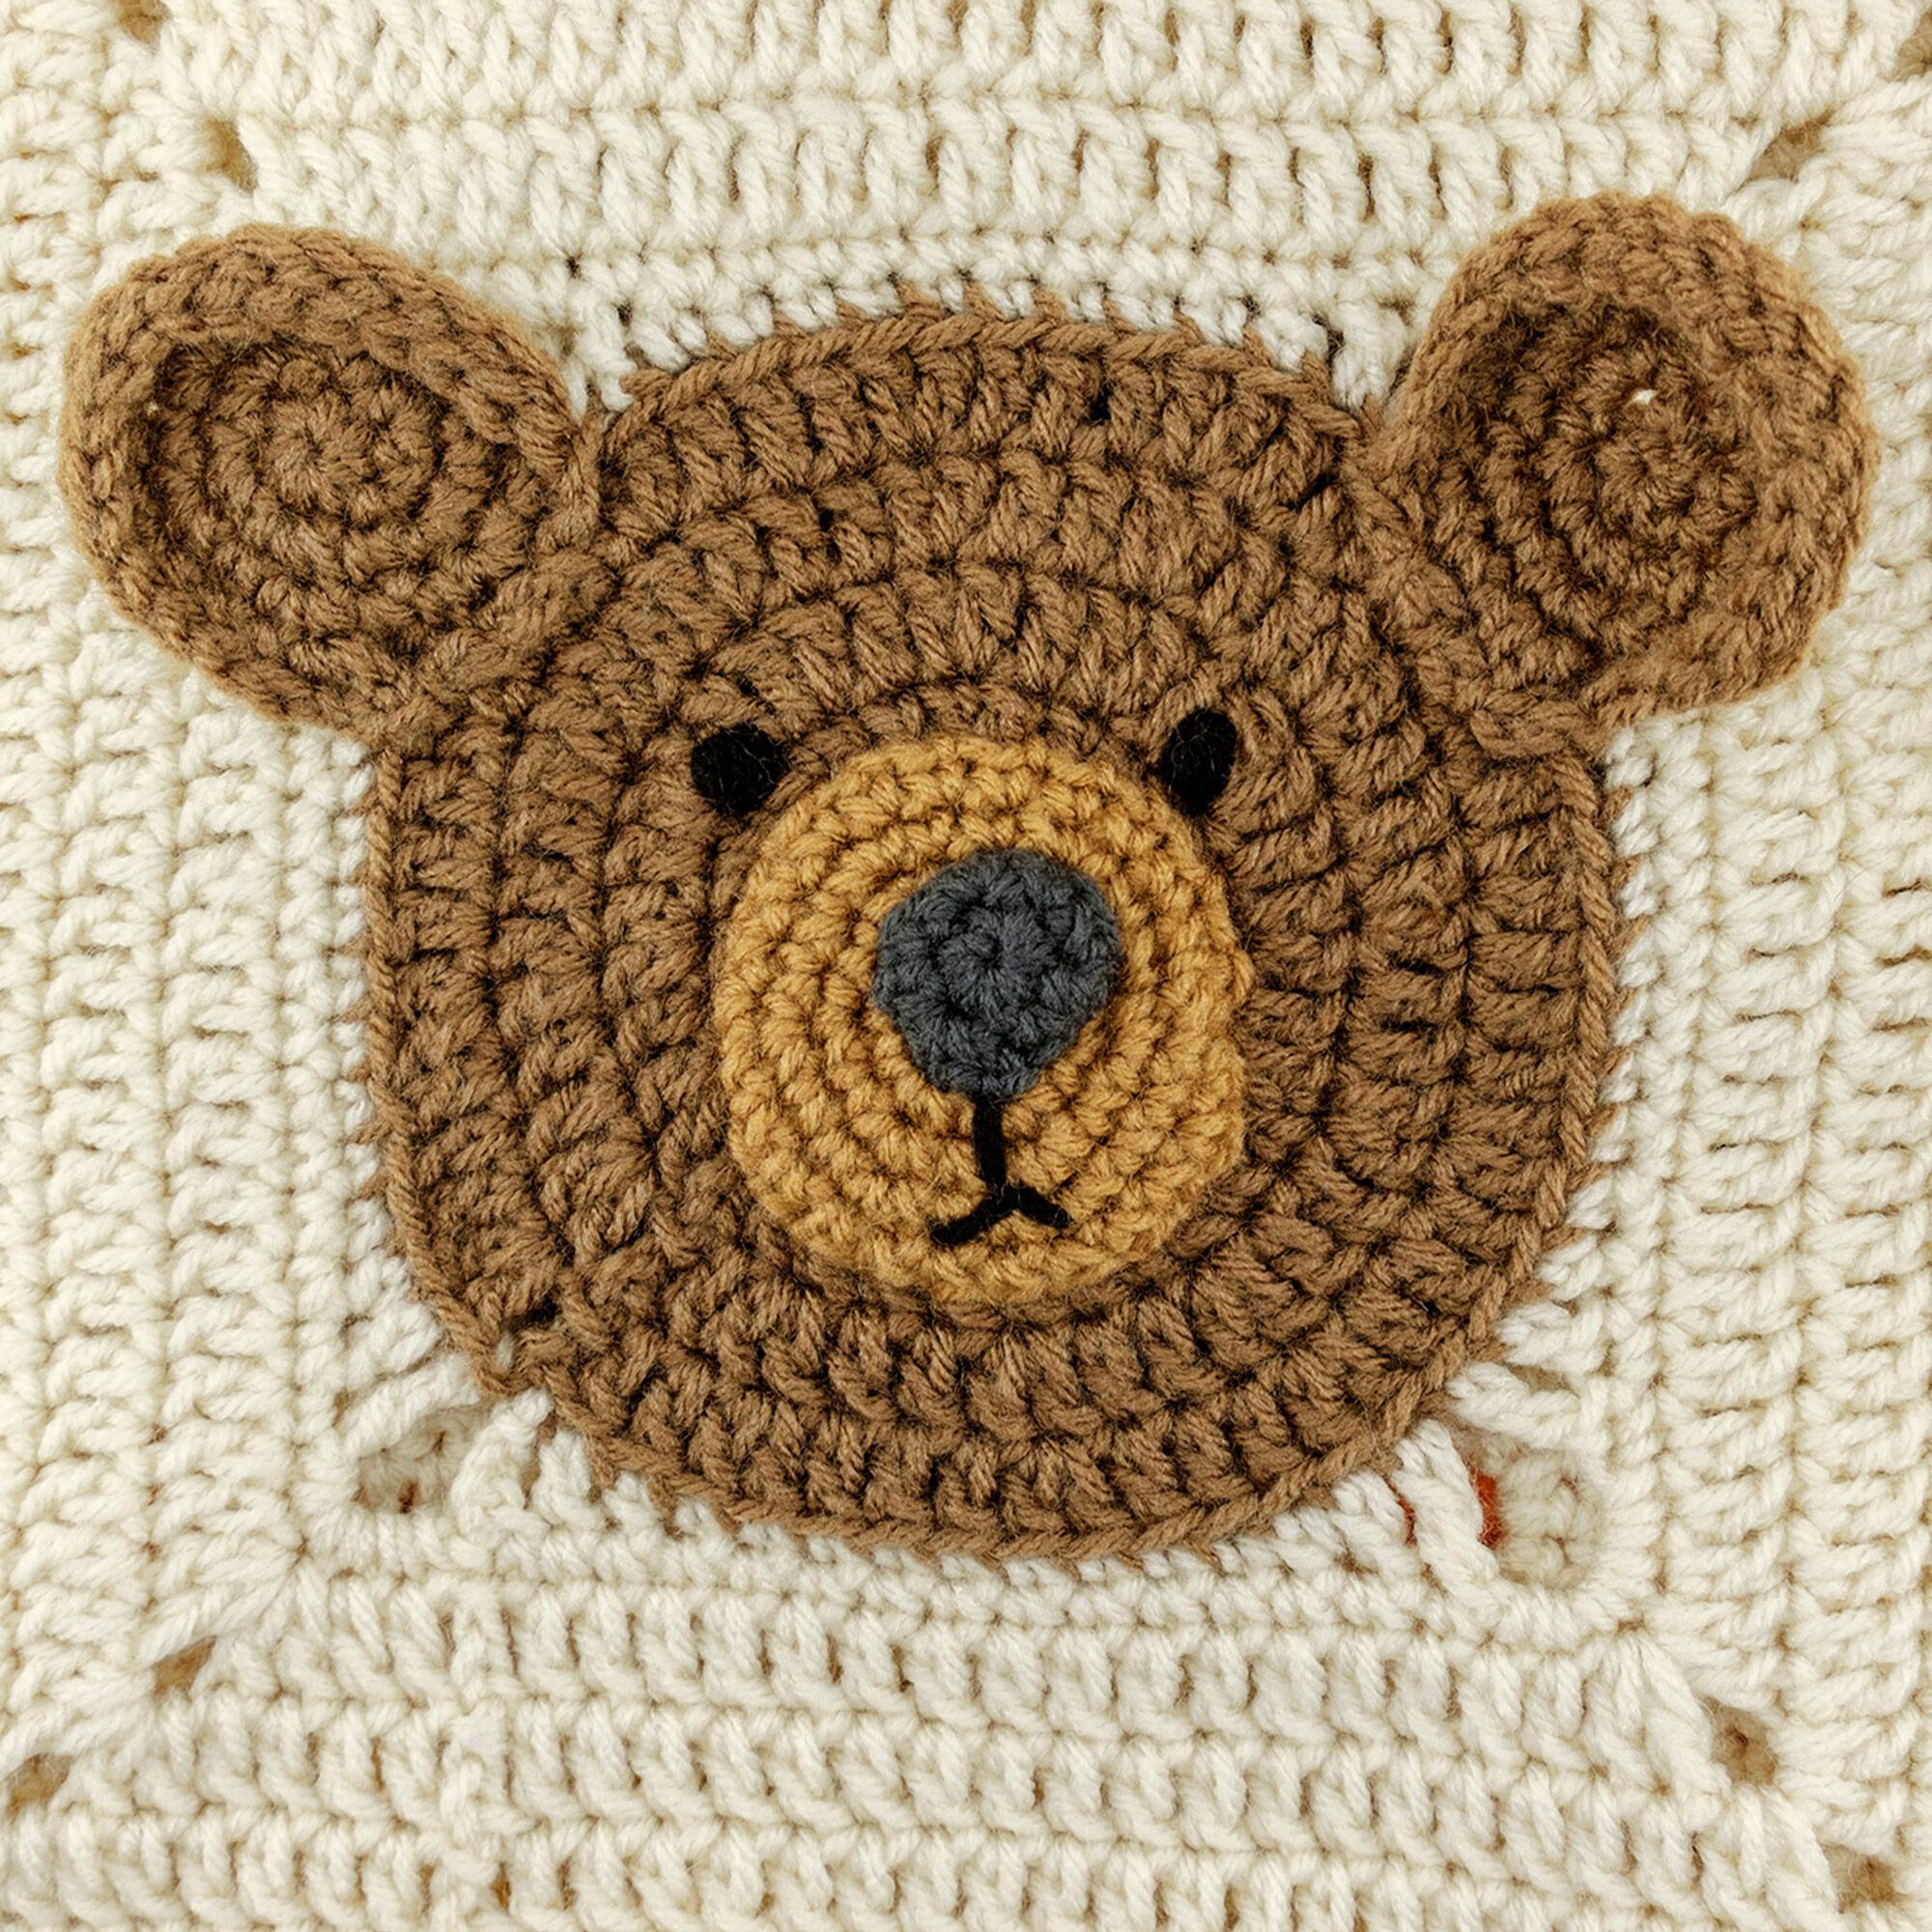 Free Knitting Pattern for a Teddy Bear in Velvet ⋆ Crochet Kingdom | 2000x2000